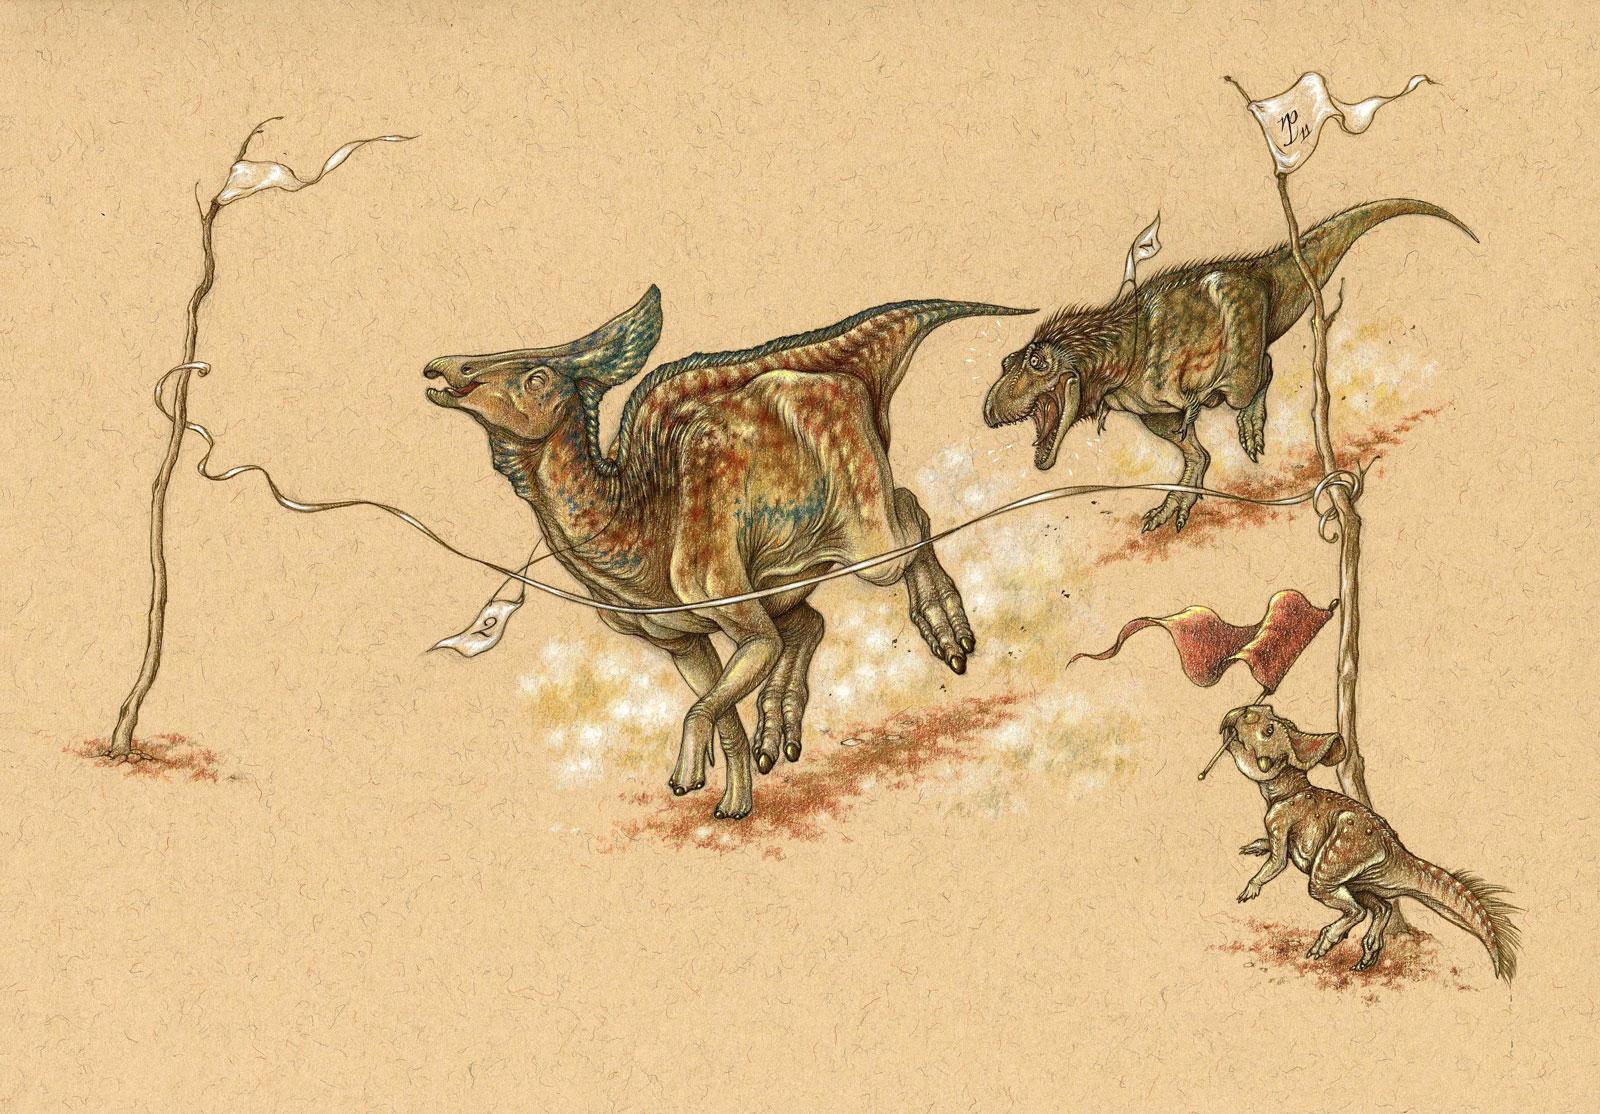 Dinosaur Race illustration – Albertosaurus wins